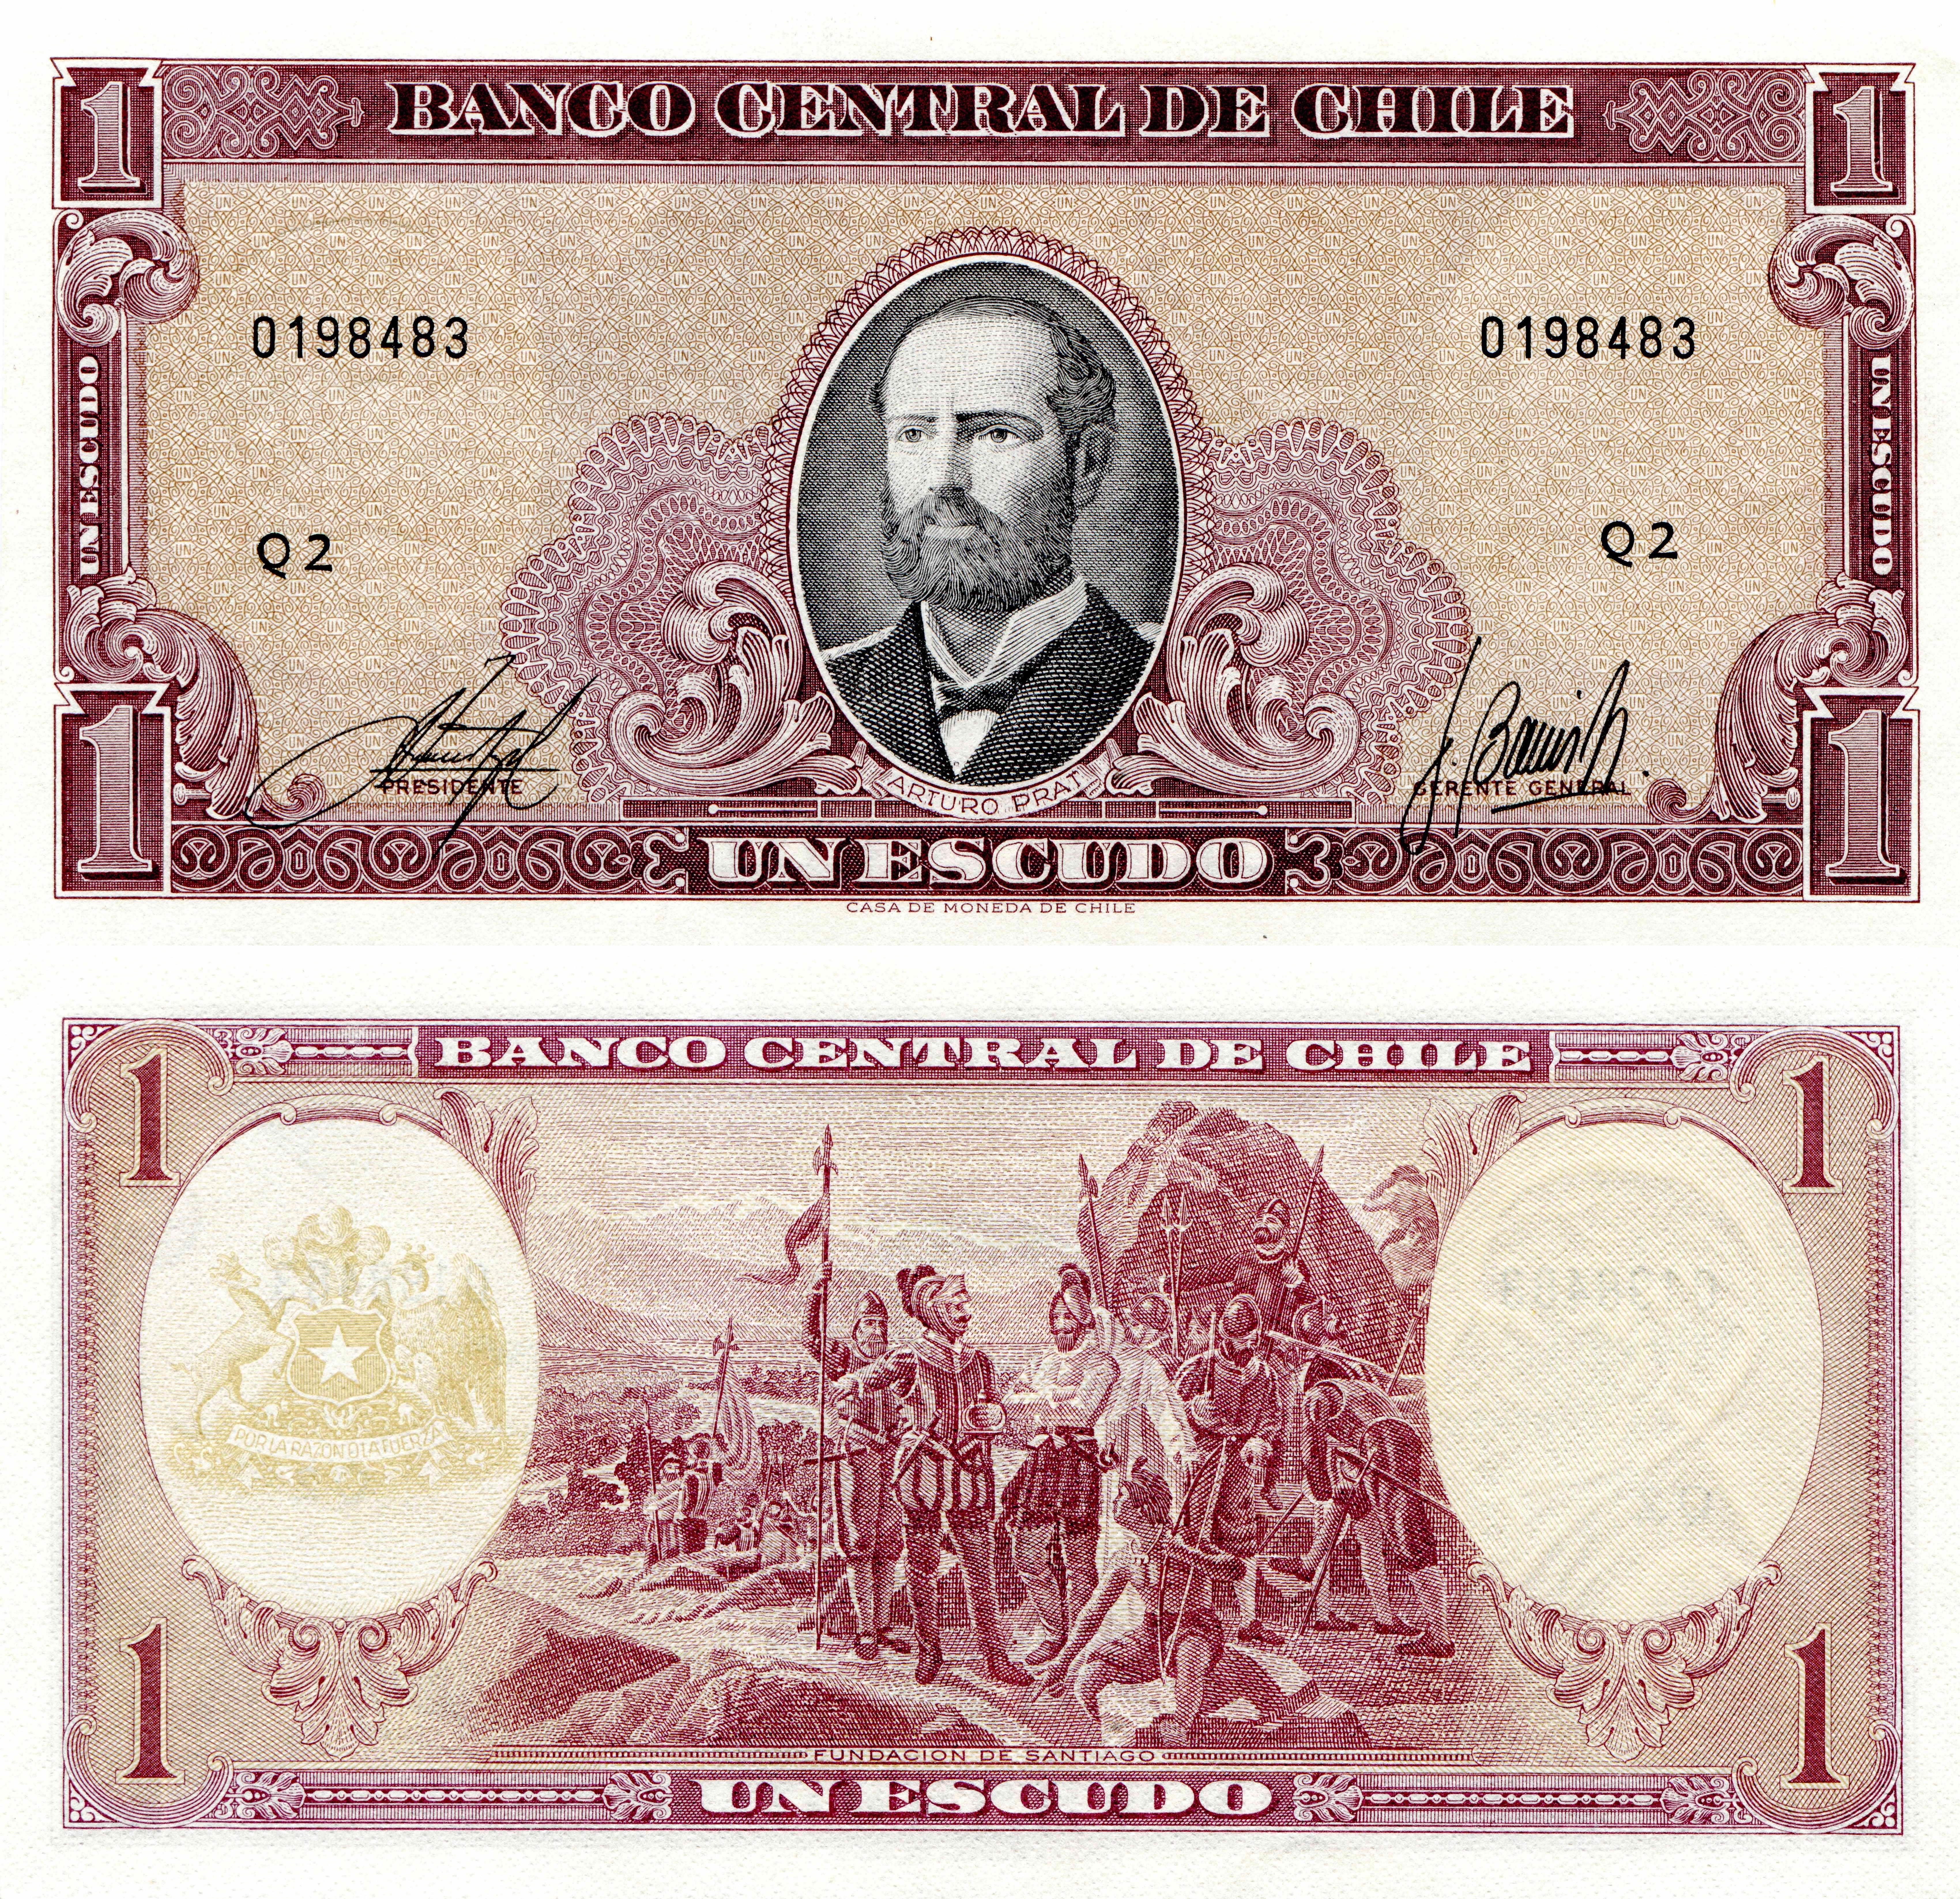 Банкноты чили российские монеты и их стоимость таблица 2017